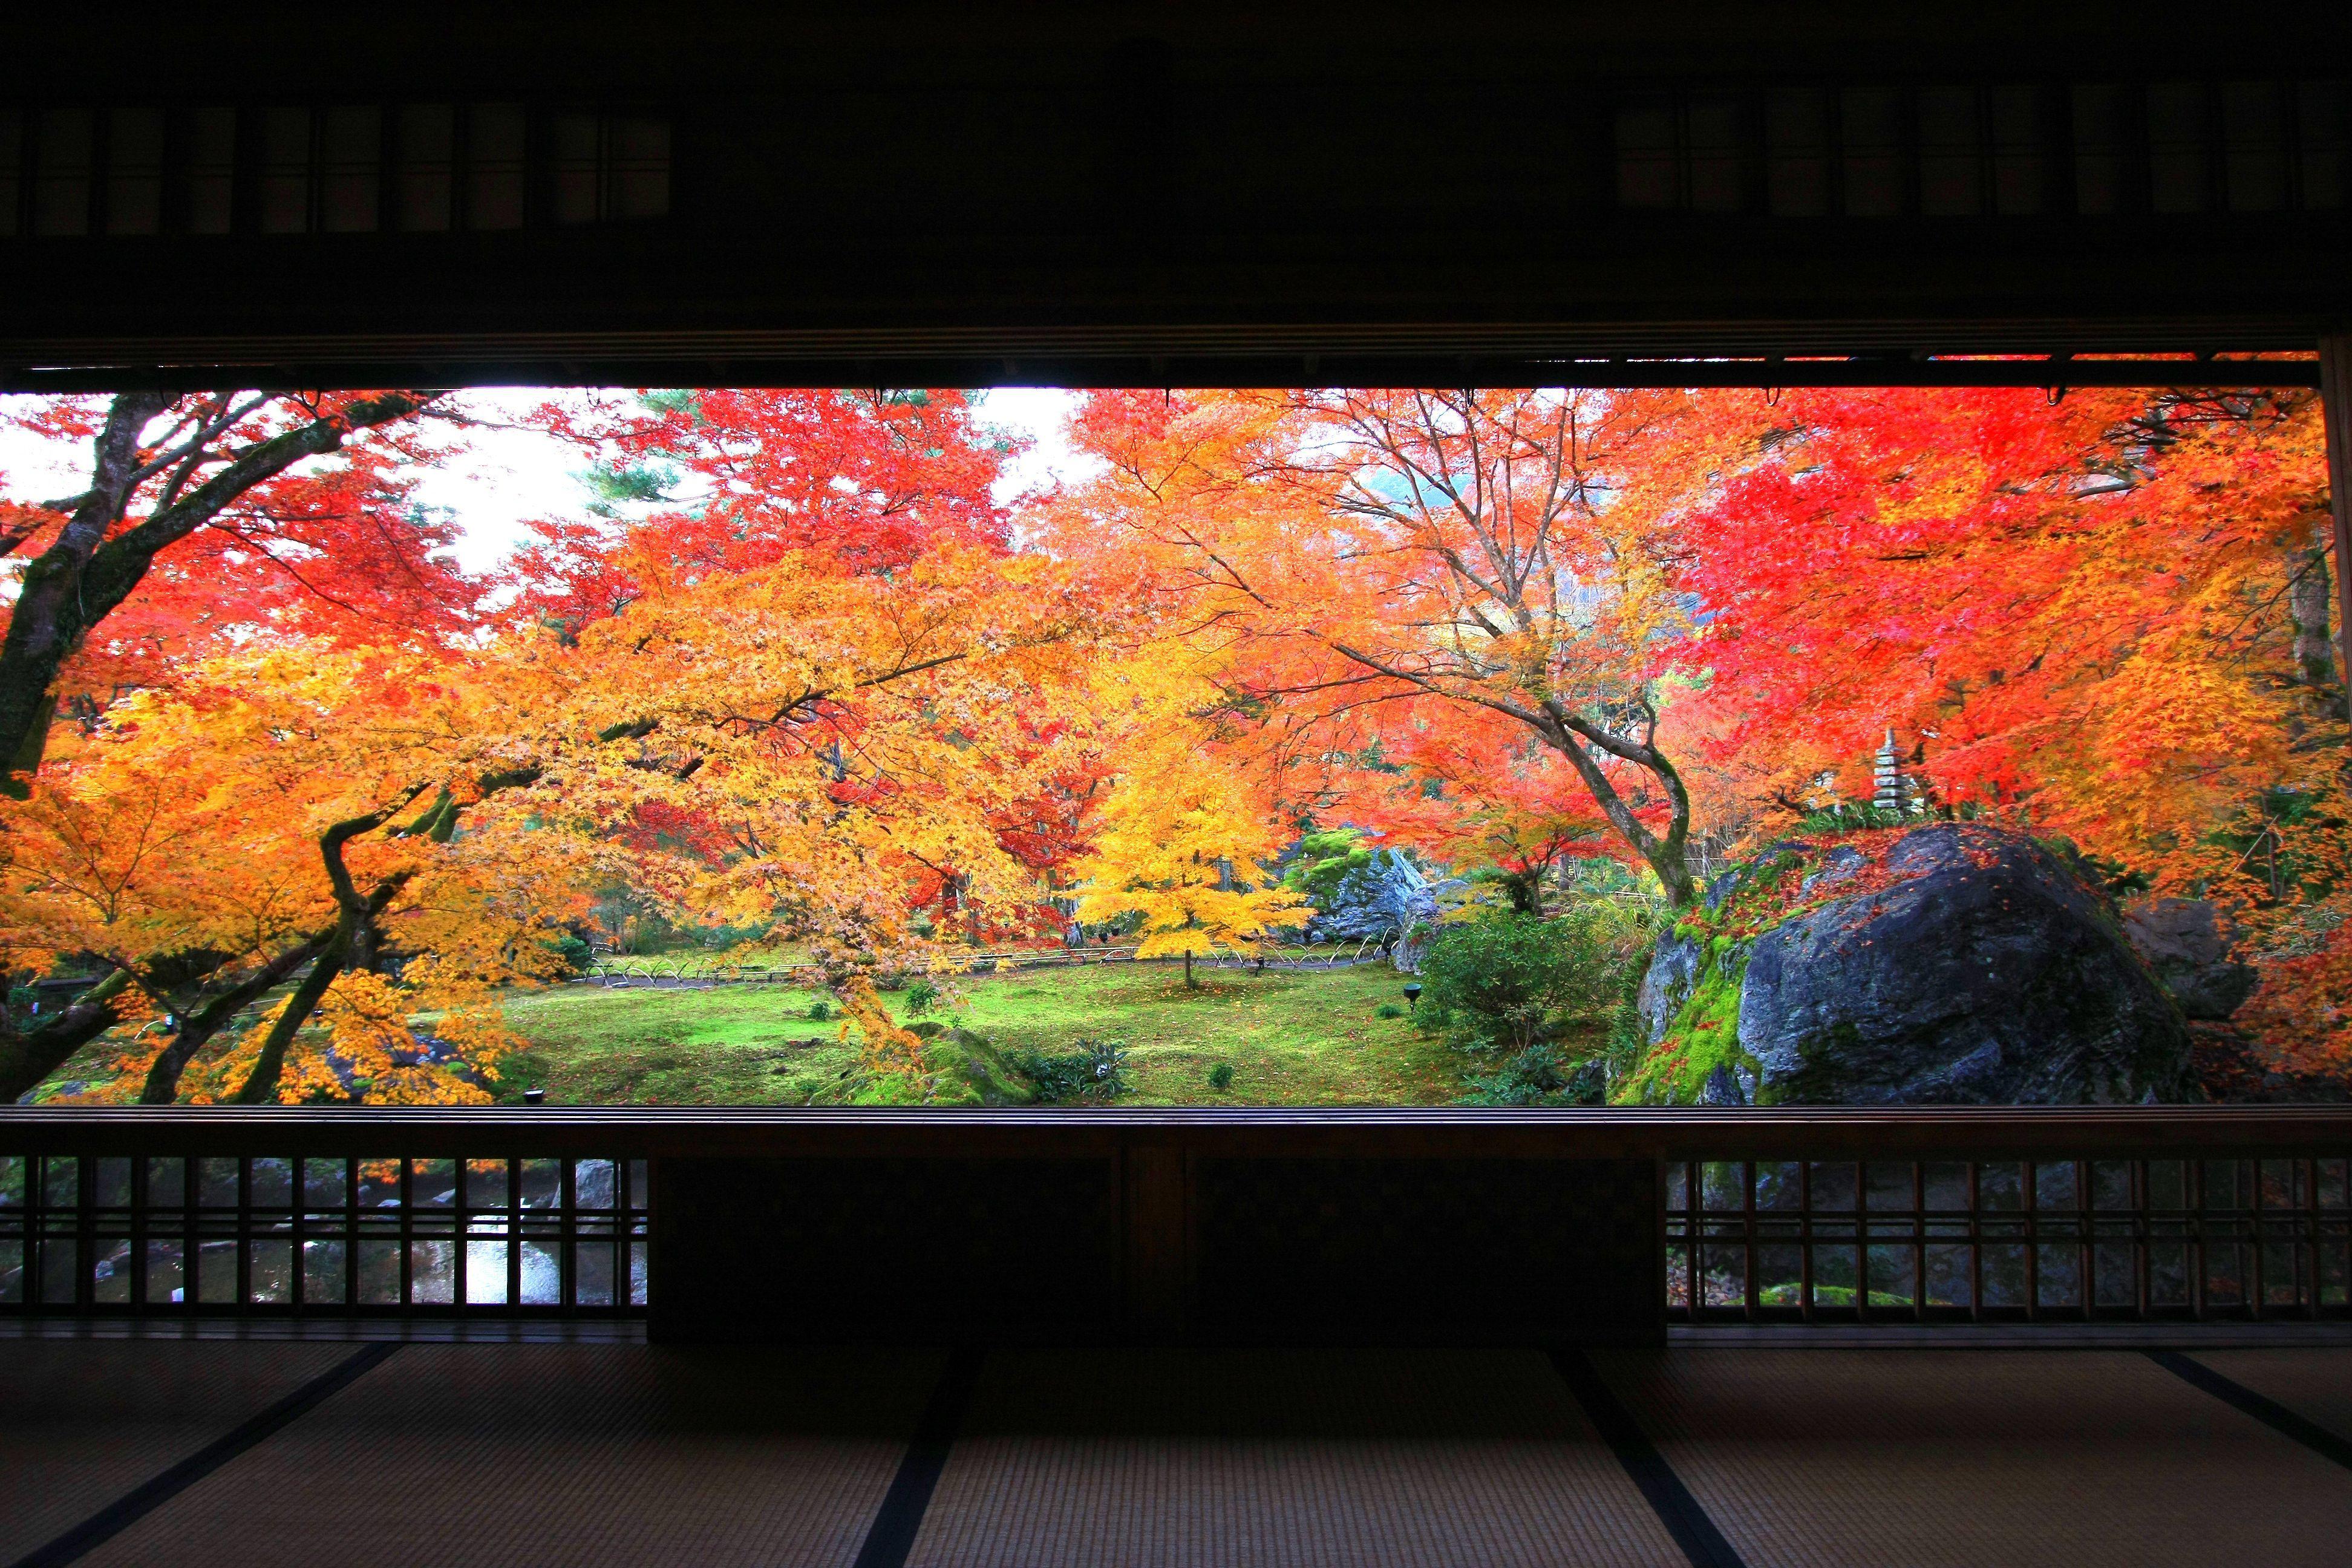 50代のための紅葉スポット!①日本の心を感じる、神社仏閣の美_1_1